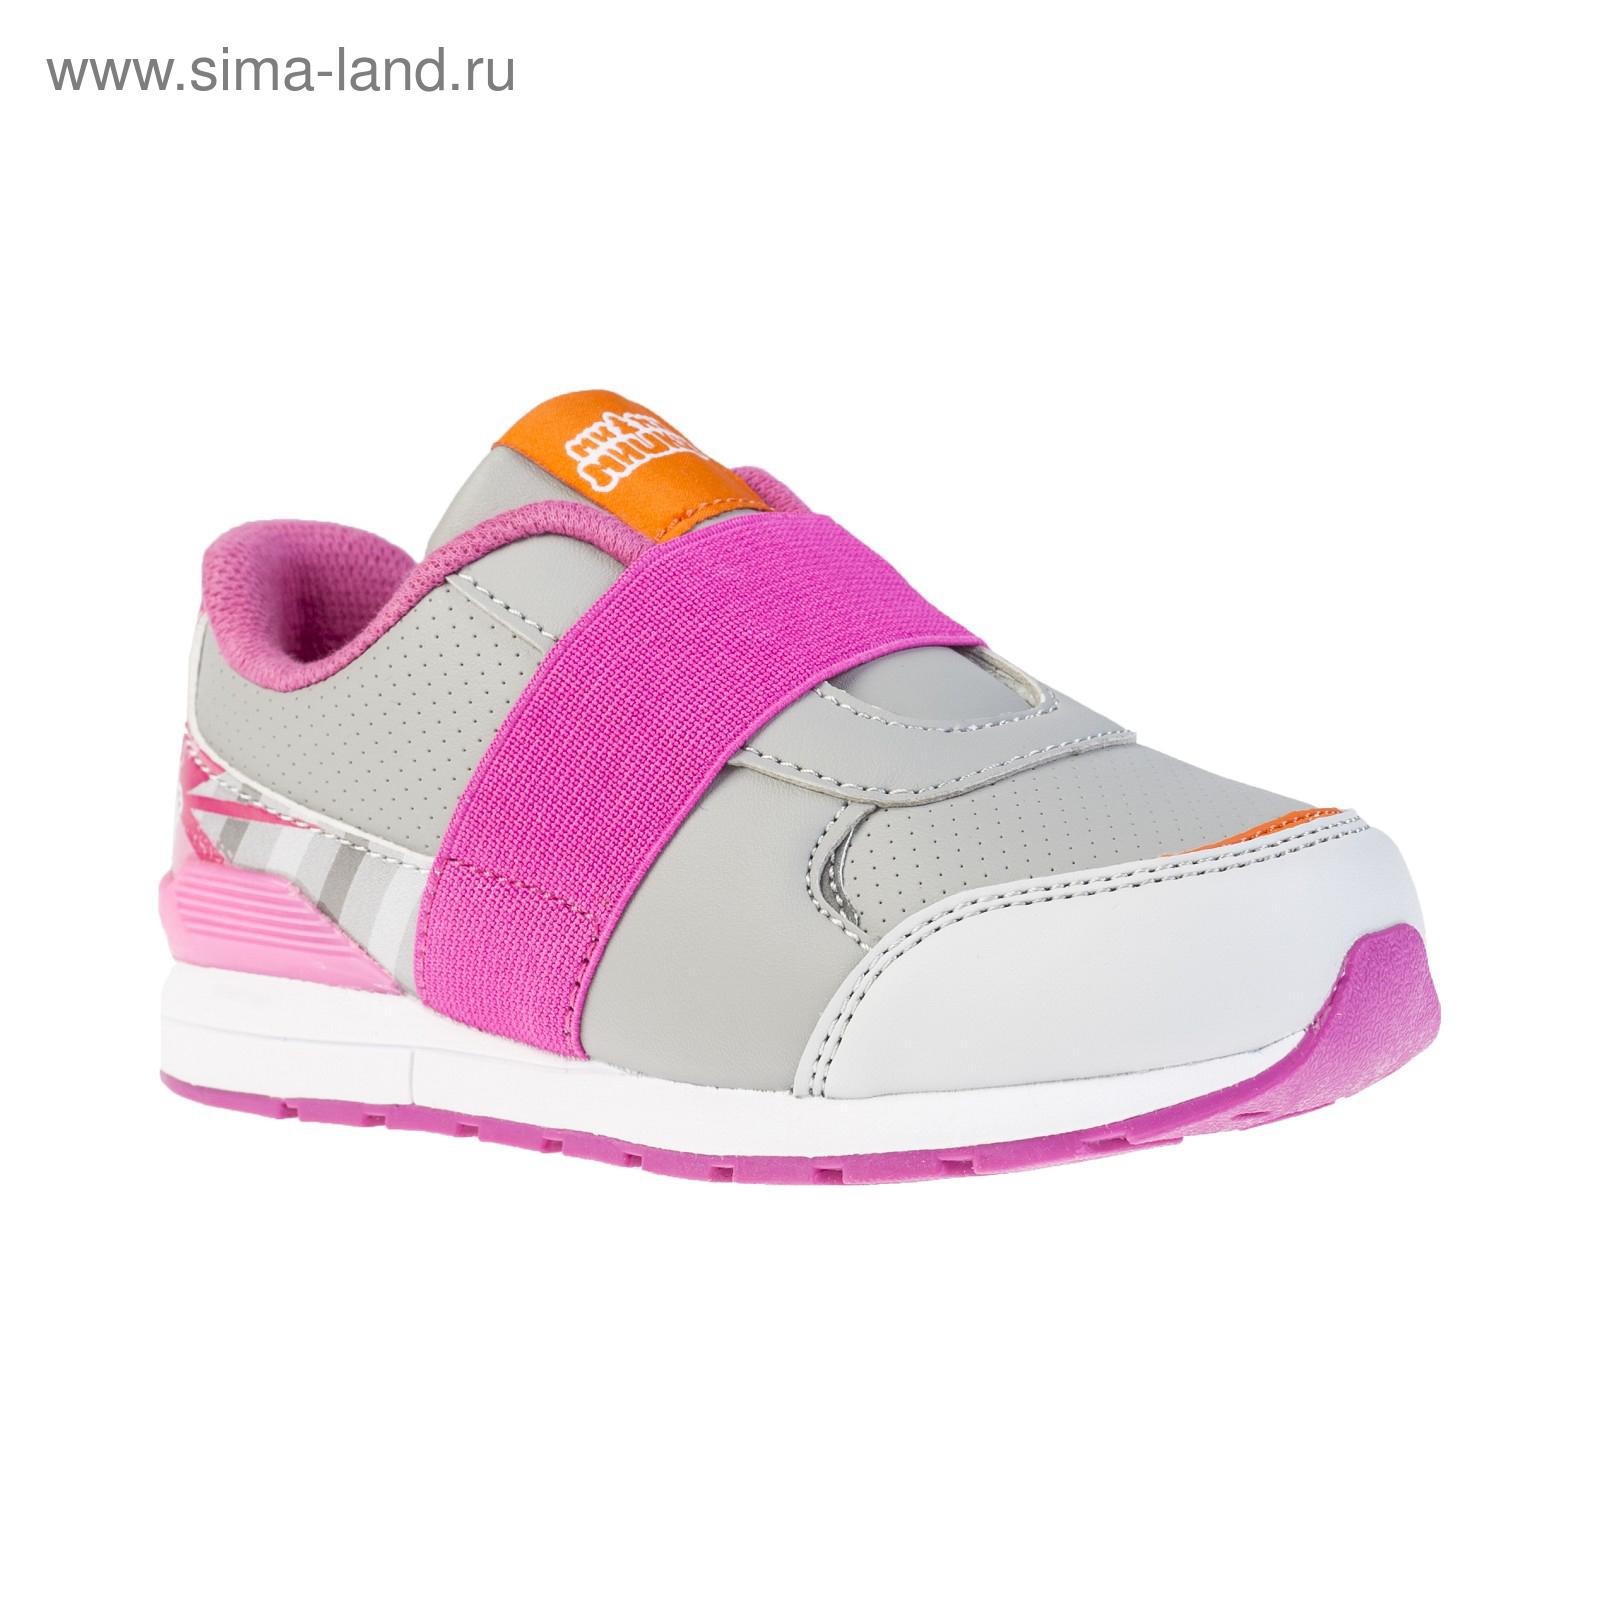 61cf89e7 Кроссовки детские арт. 7252D, цвет серый, размер 27 (3390462 ...